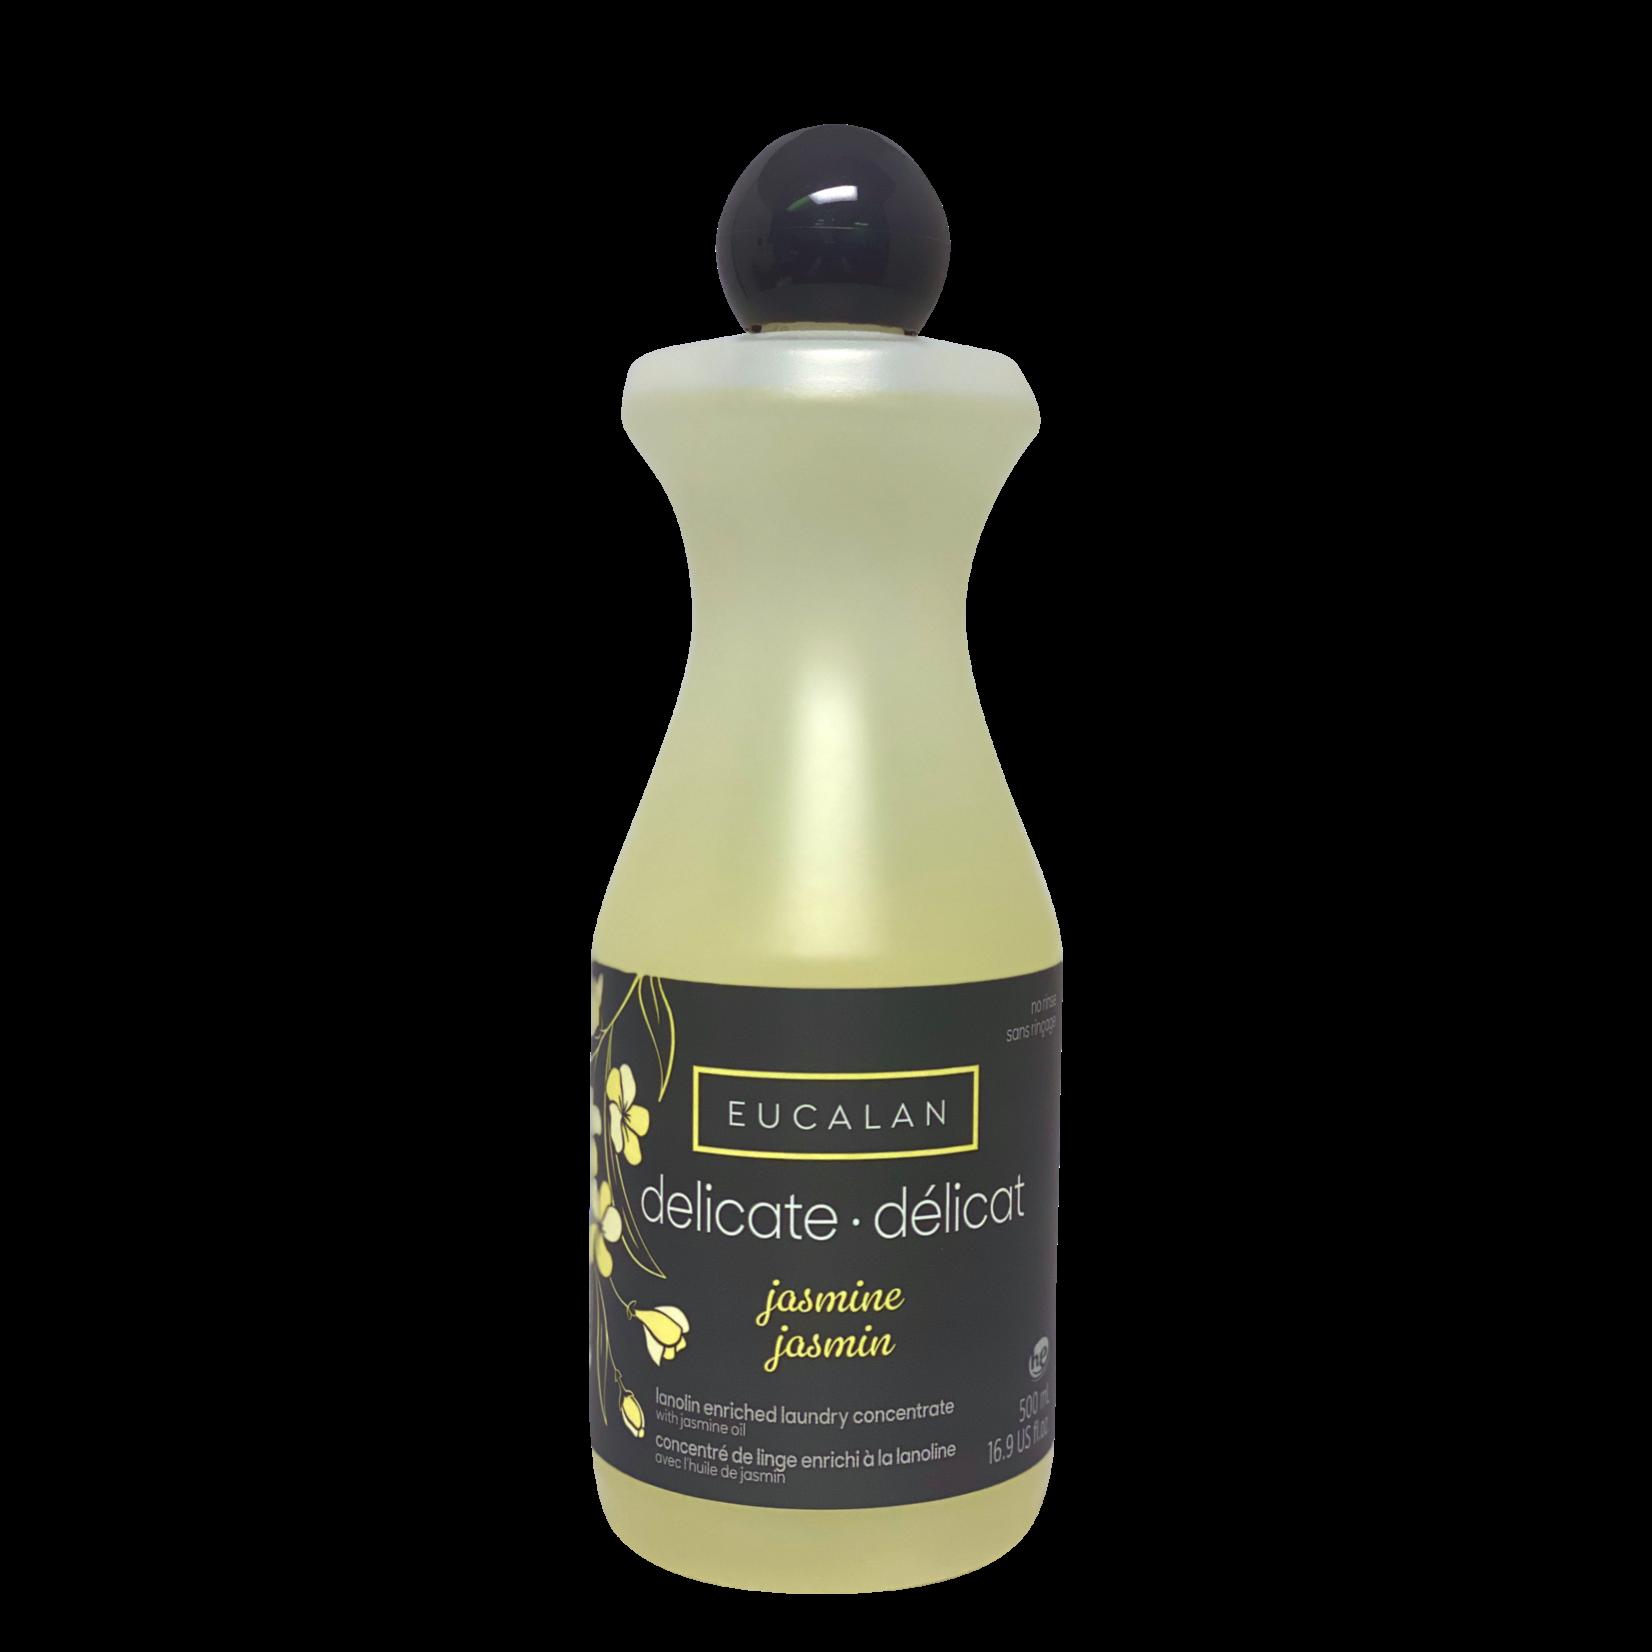 Eucalan Eucalan 500 ml